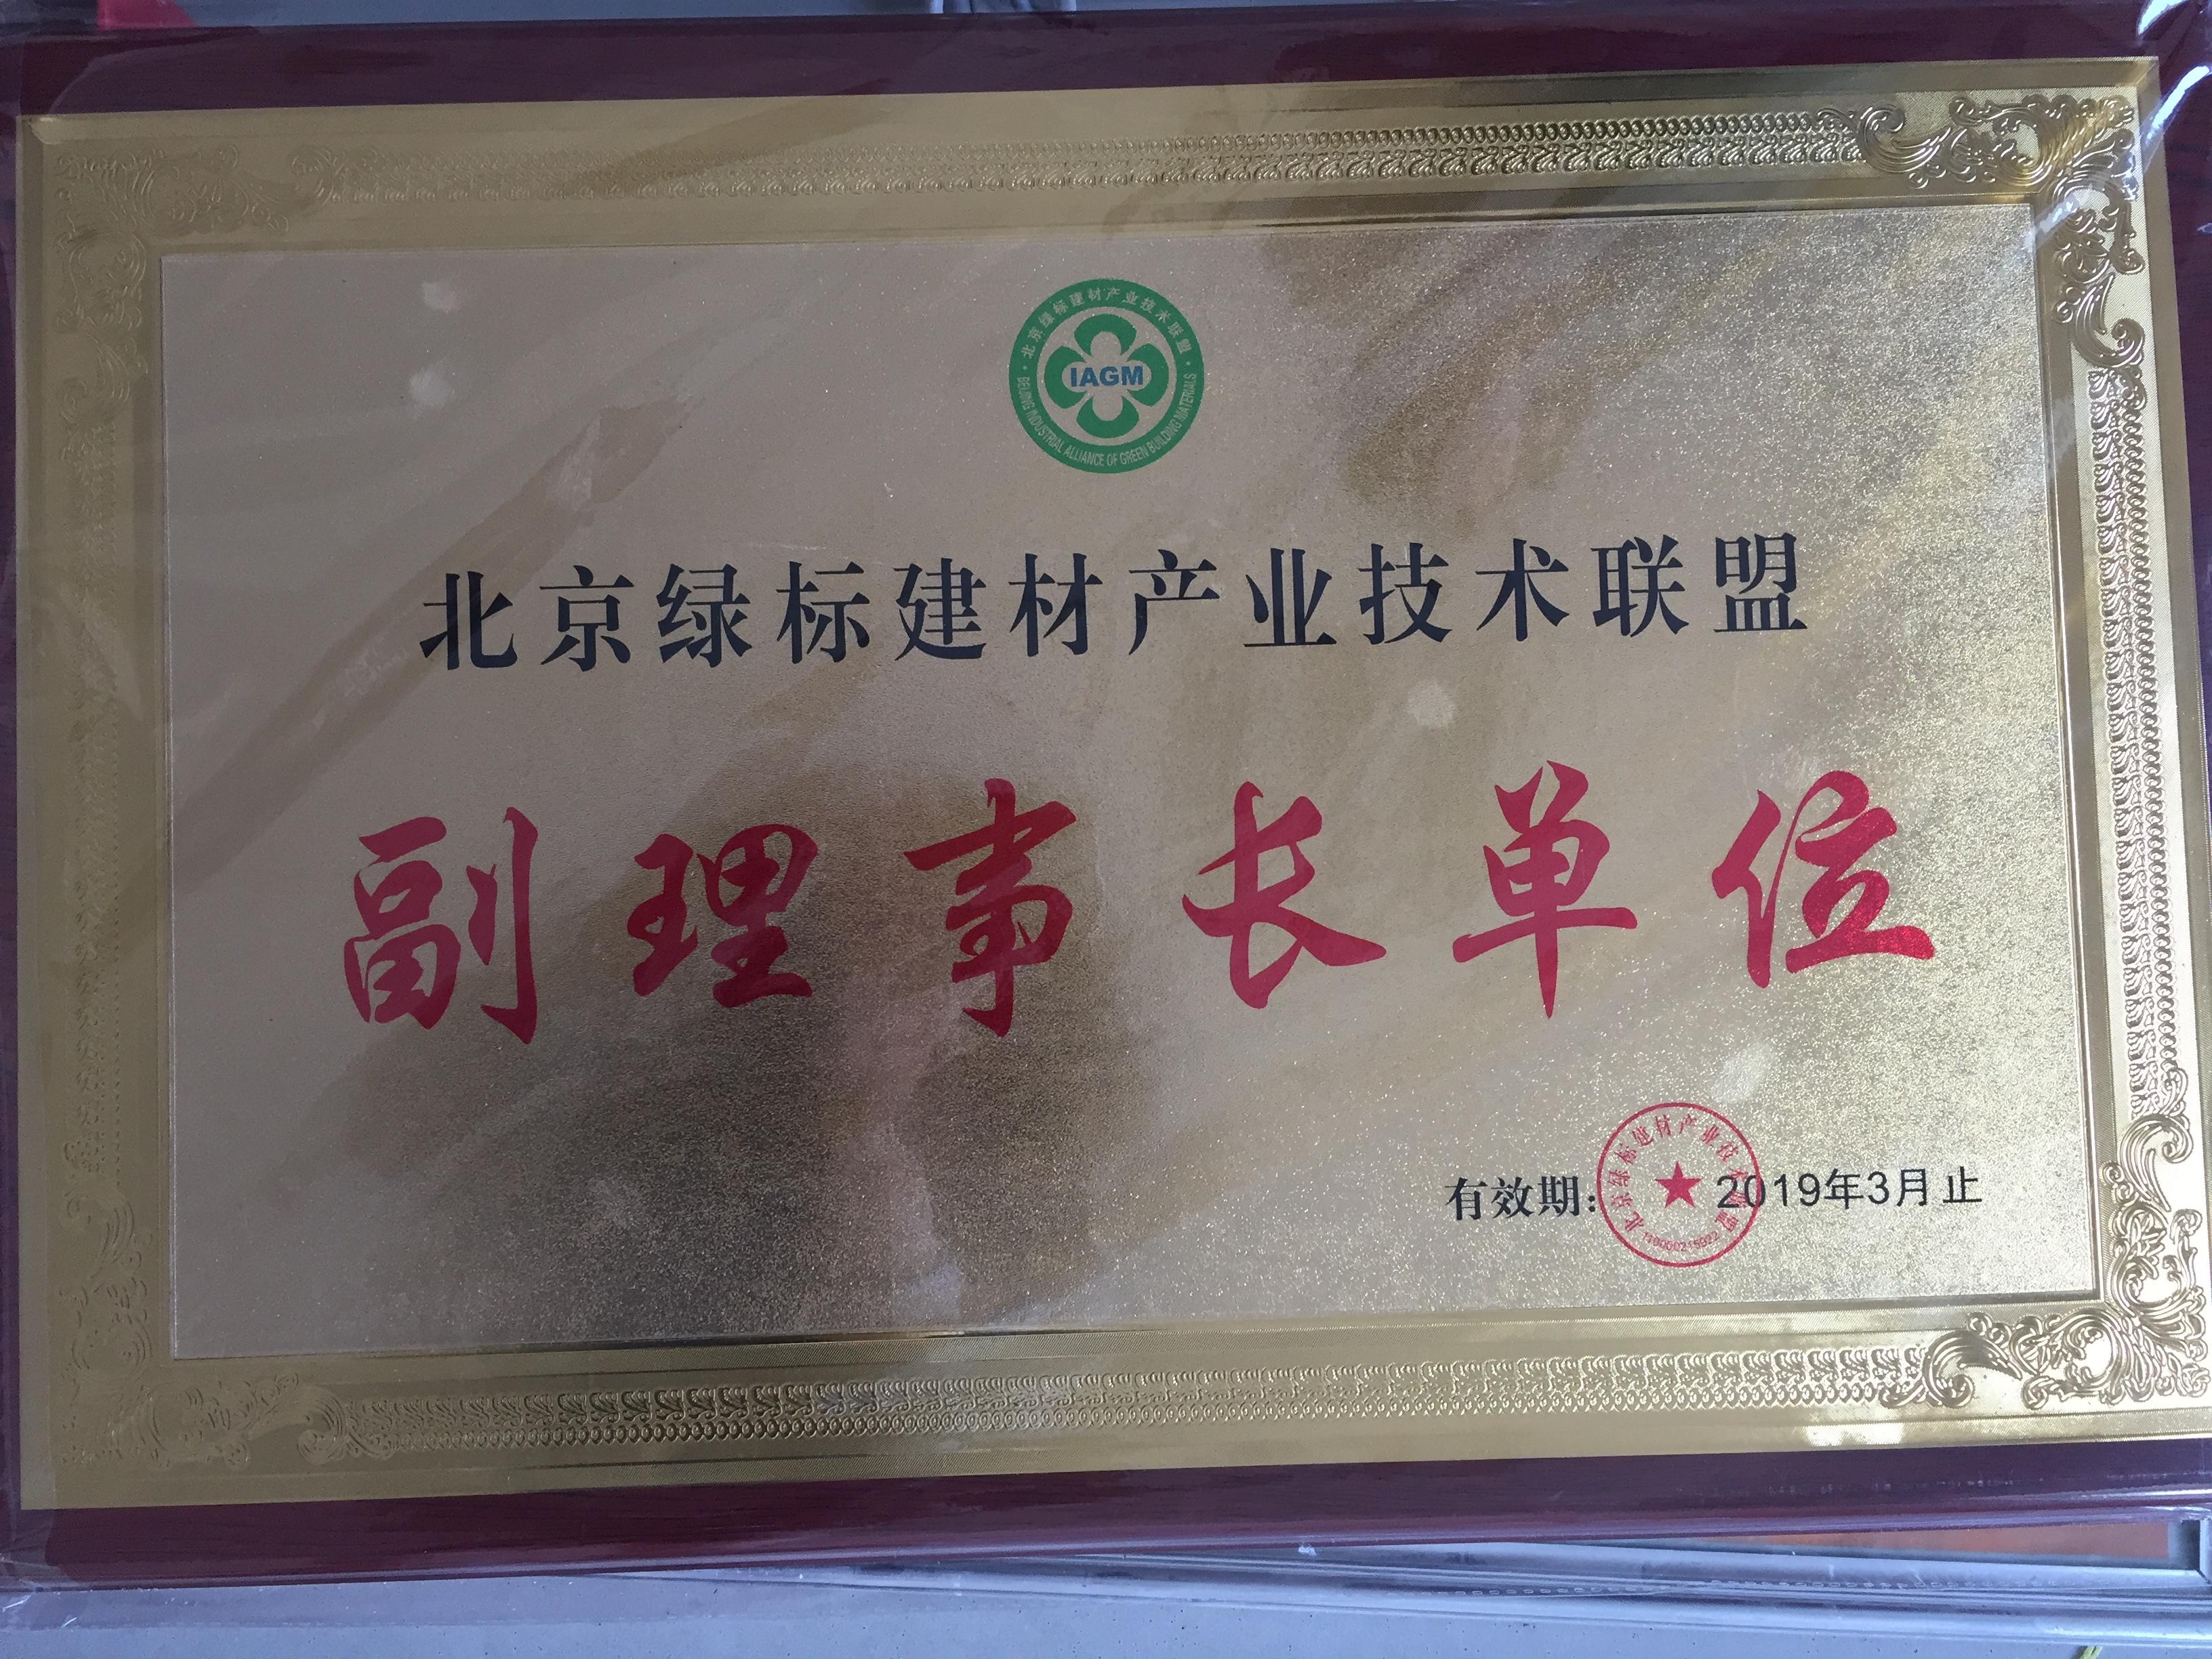 7.北京绿标建材产业技术联盟副理事长单位